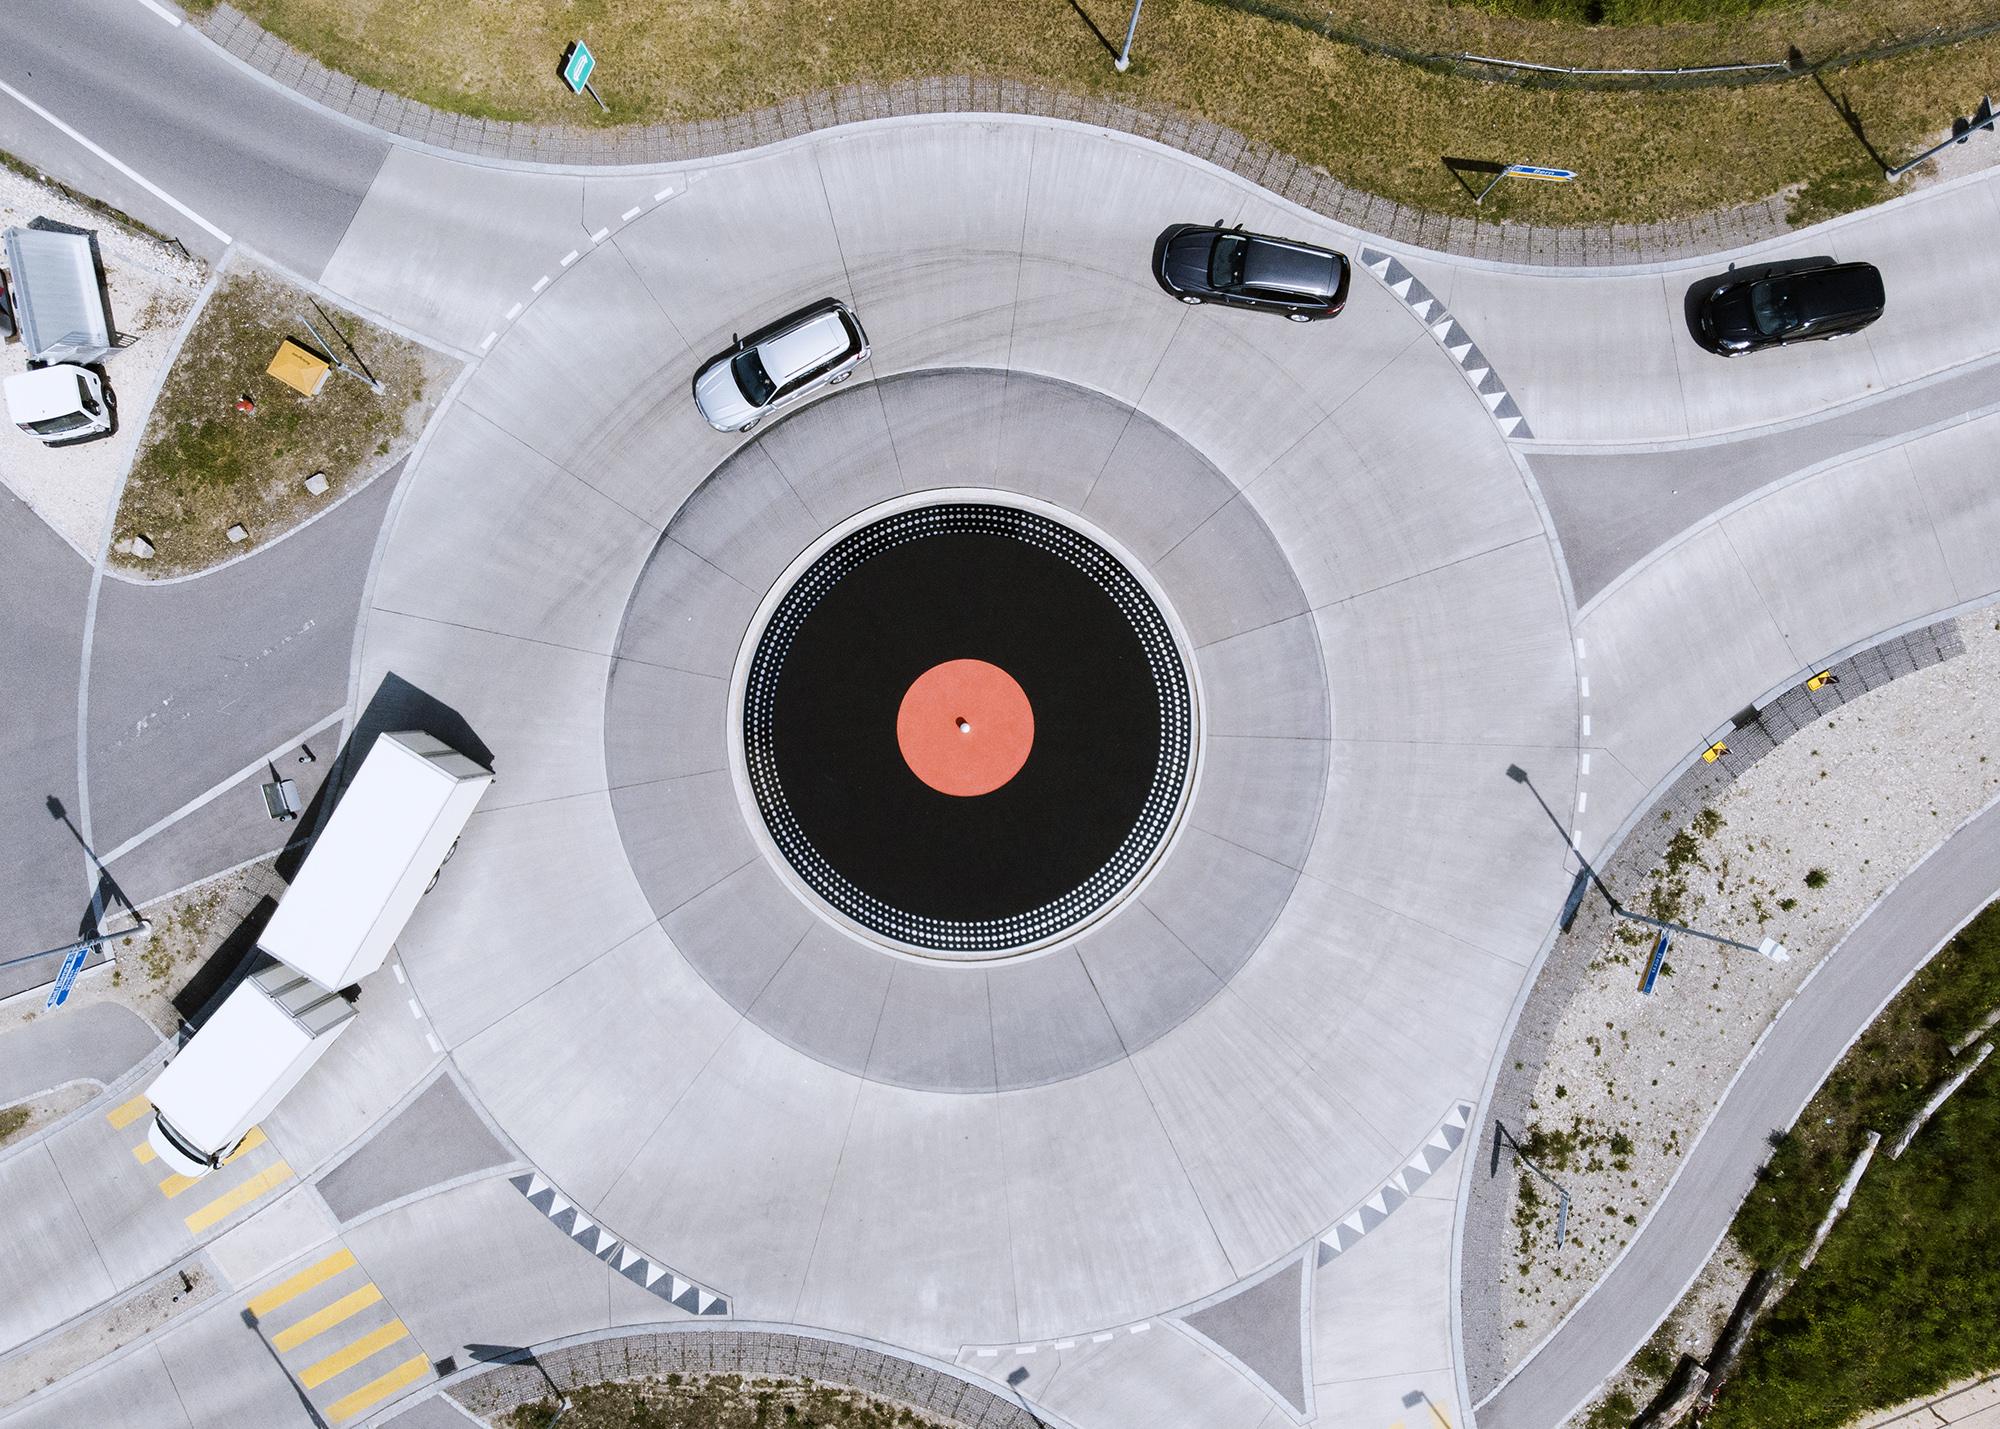 На фотографии, сделанной спомощью дрона, изображены автомобили, движущиеся наперекрестке скруговым движением ввиде огромной виниловой пластинки. 27 мая 2019 года, Лиссе, Швейцария.